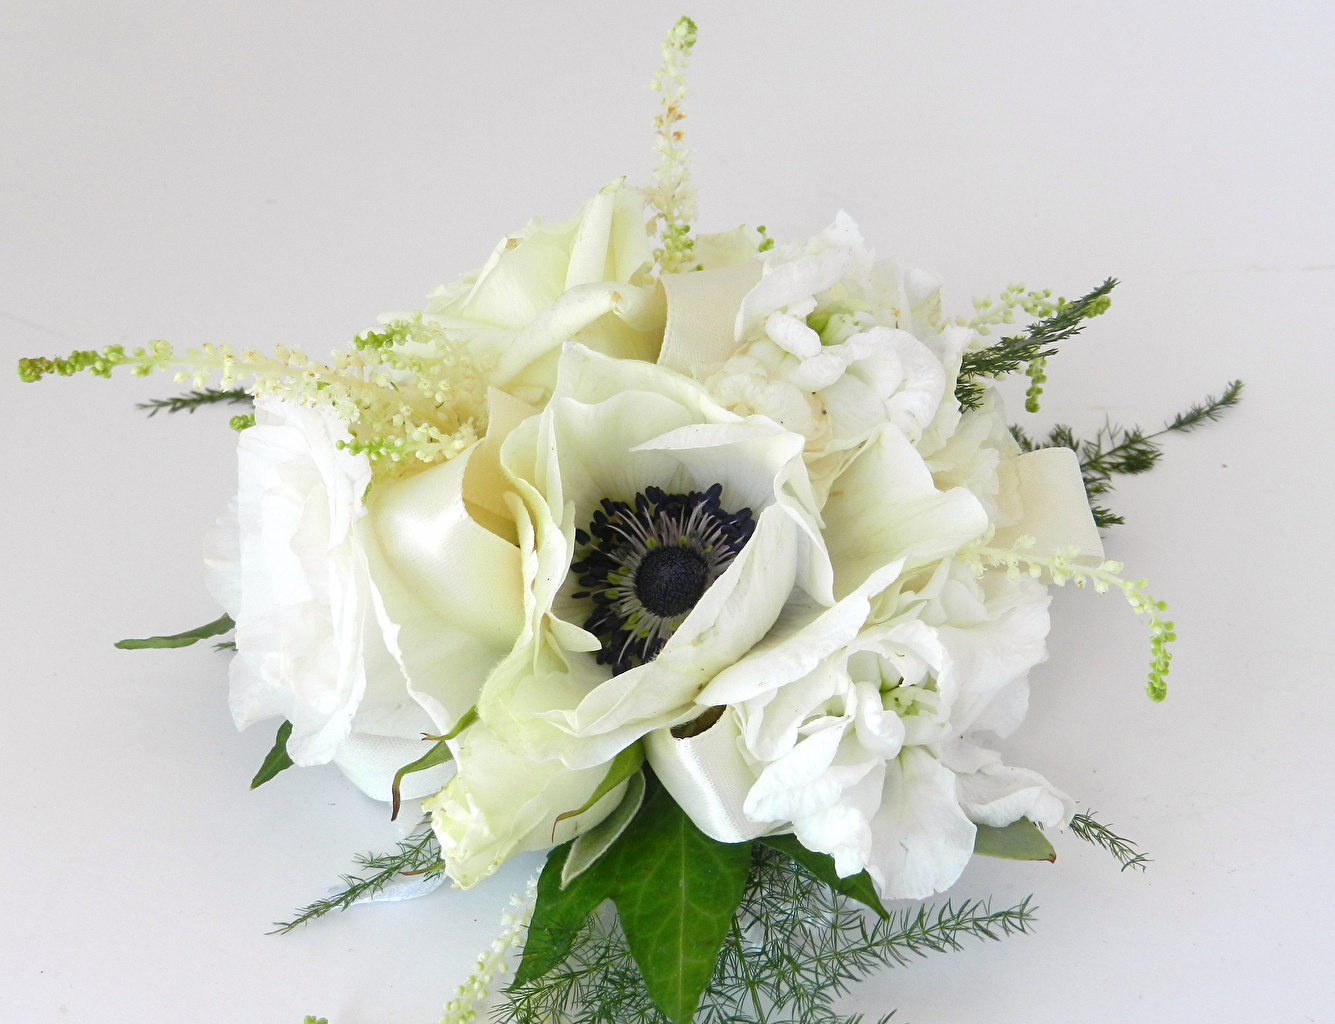 Обои Букеты Розы белая Цветы Левкой Анемоны Серый фон белых белые Белый Маттиола Ветреница